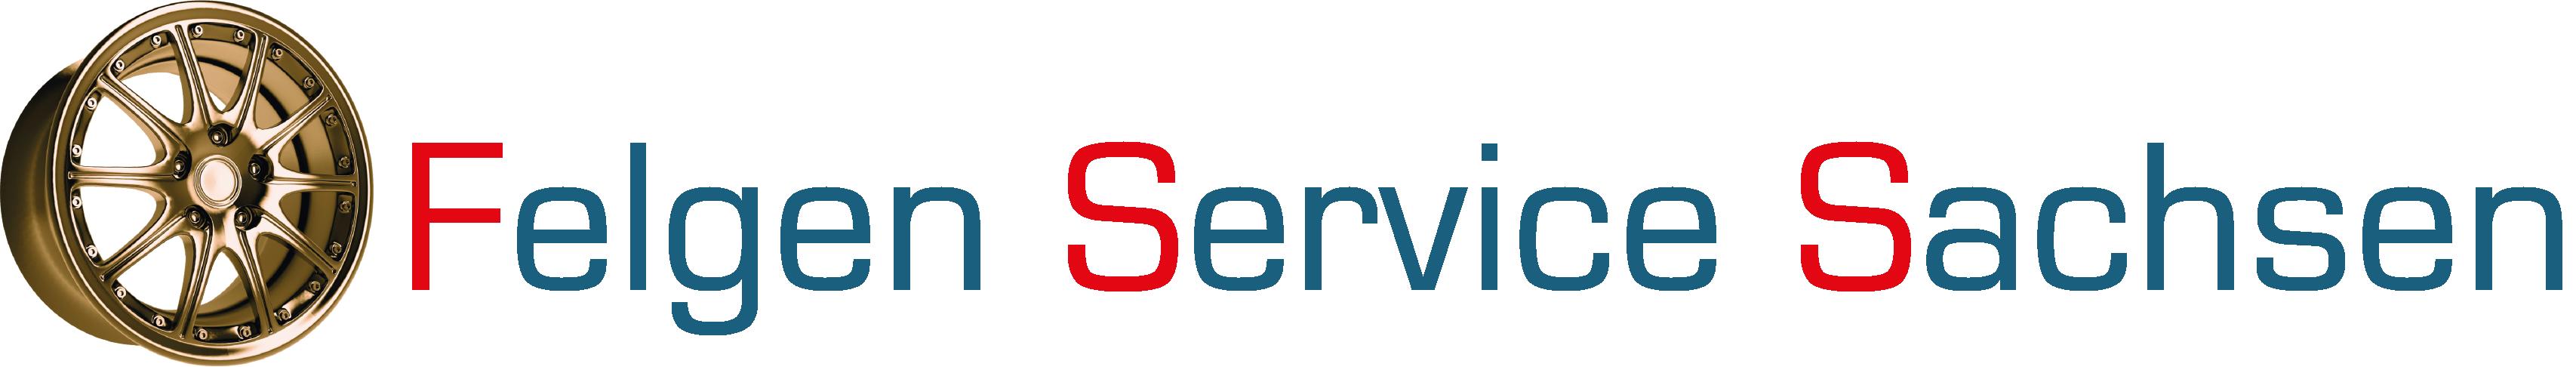 Felgen Service Sachsen Chemnitz